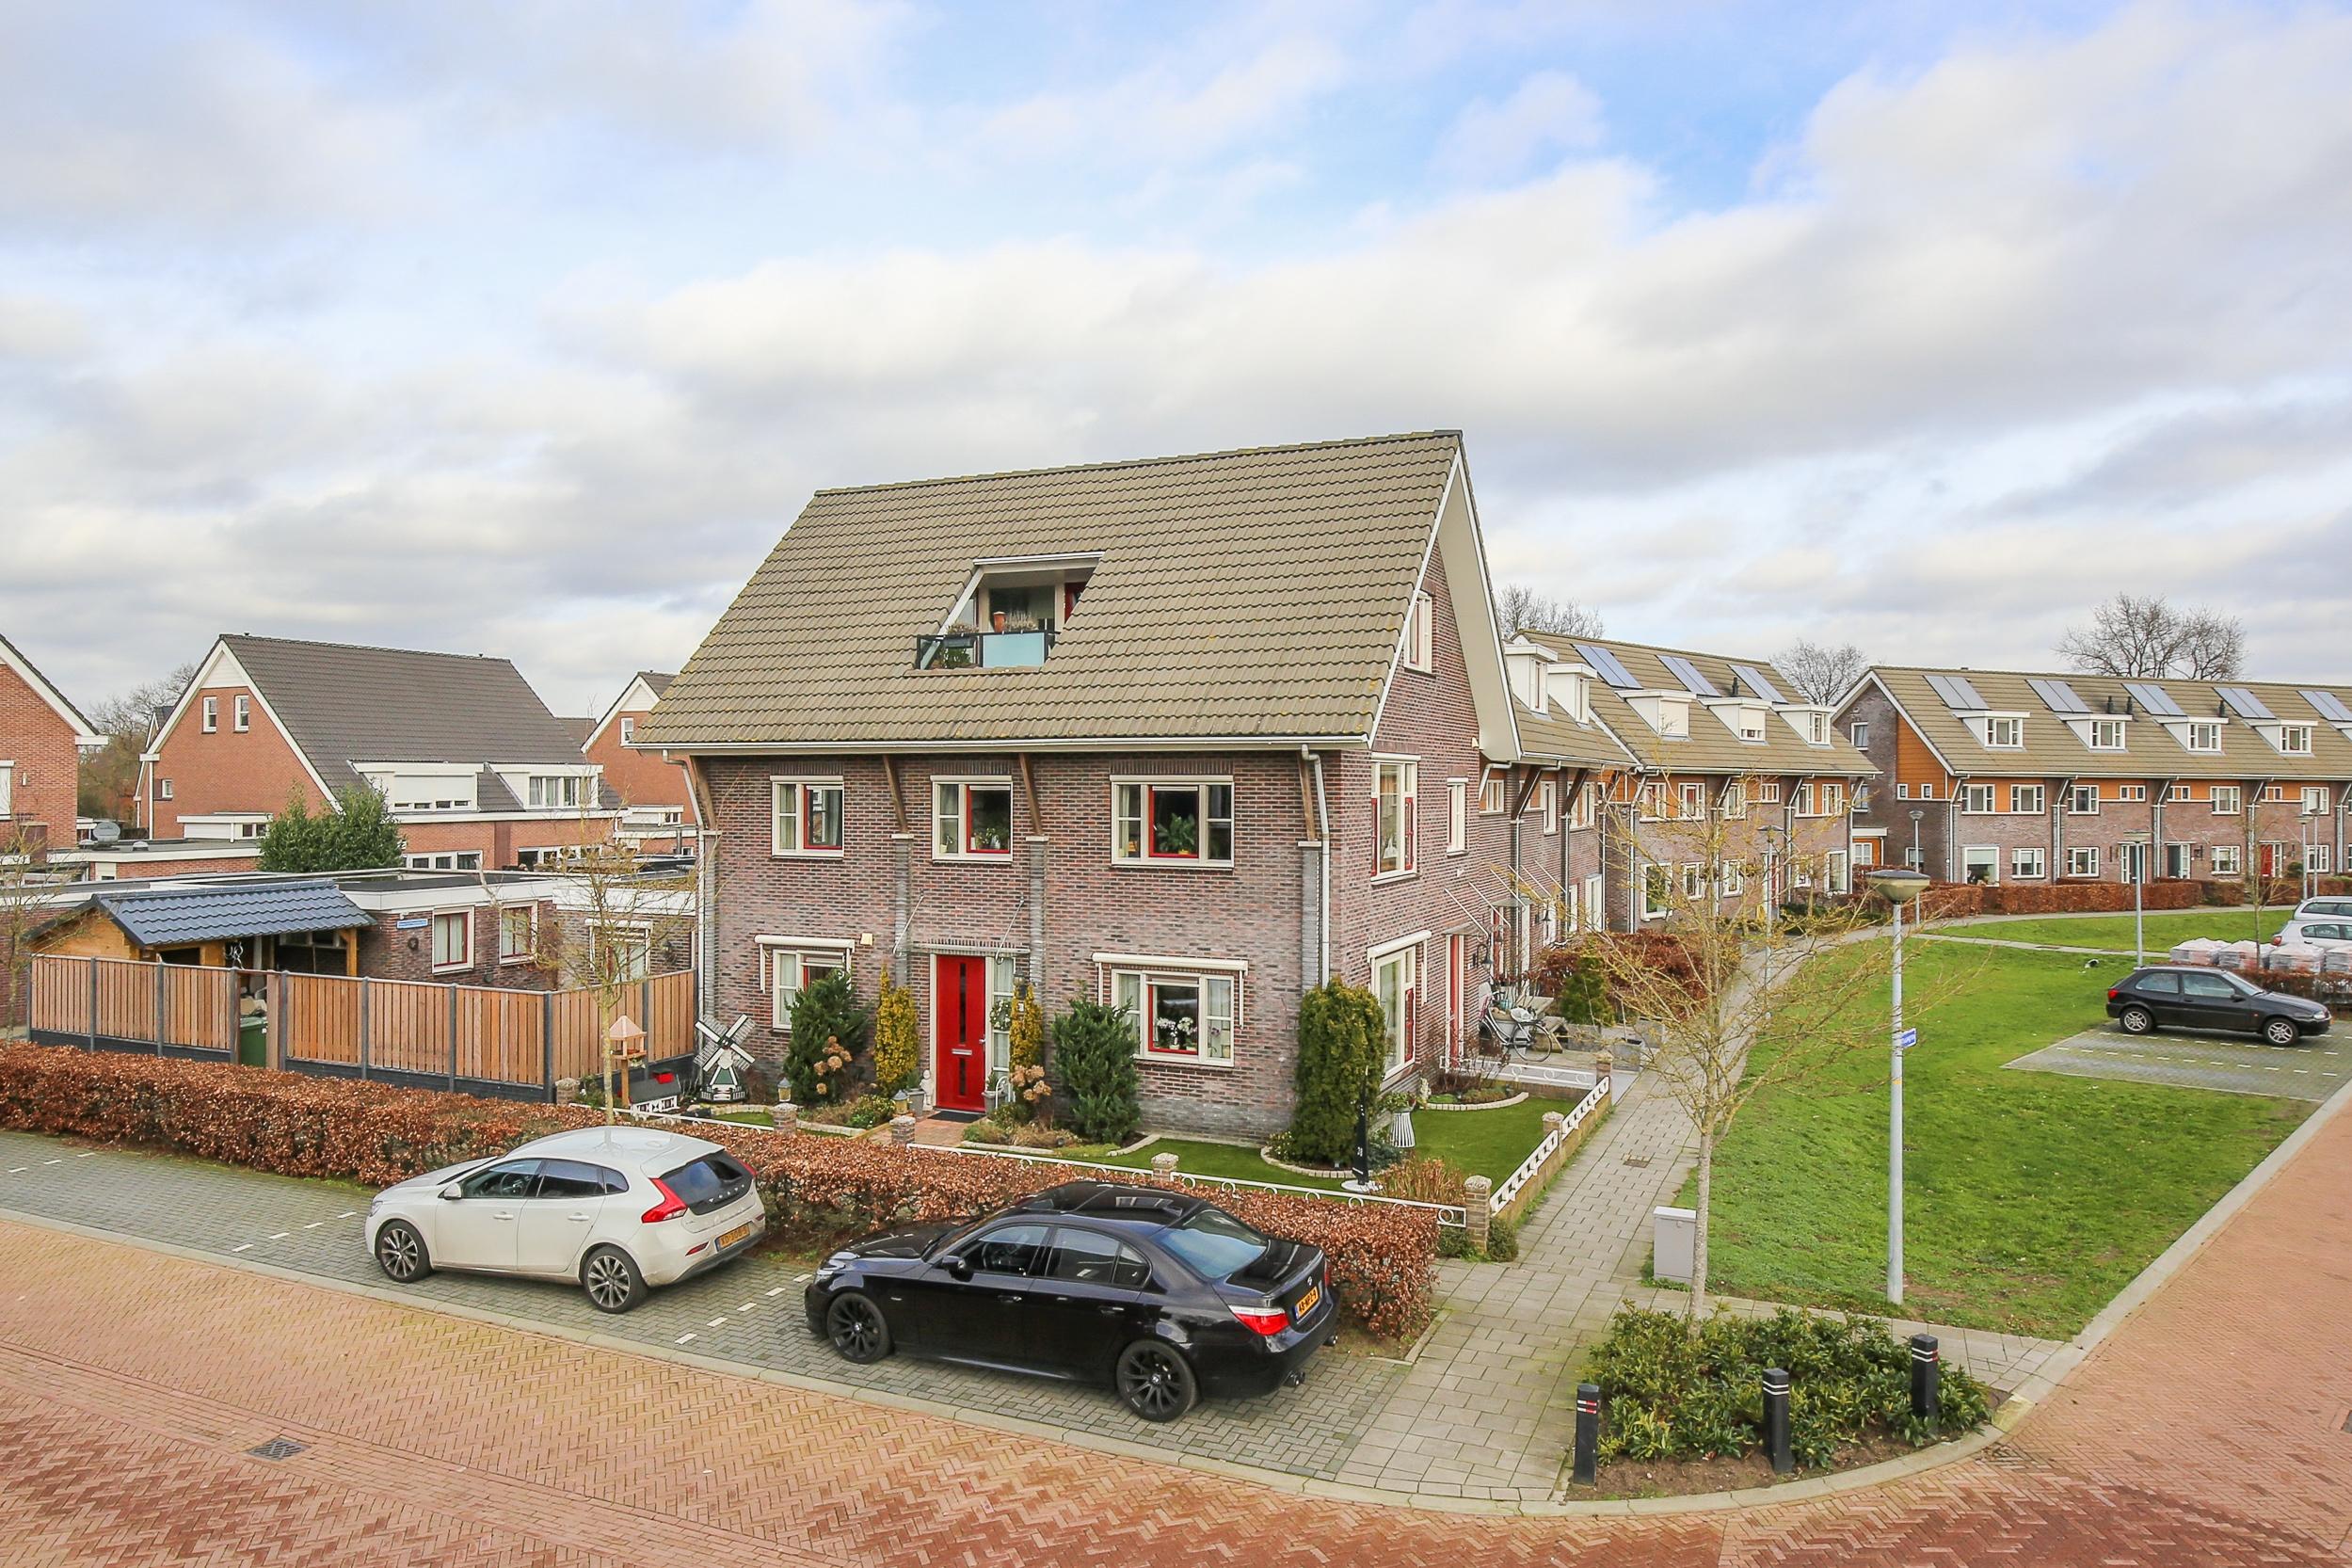 Onder bod: Deze woning heeft een unieke website: www.blauwgras36.nl